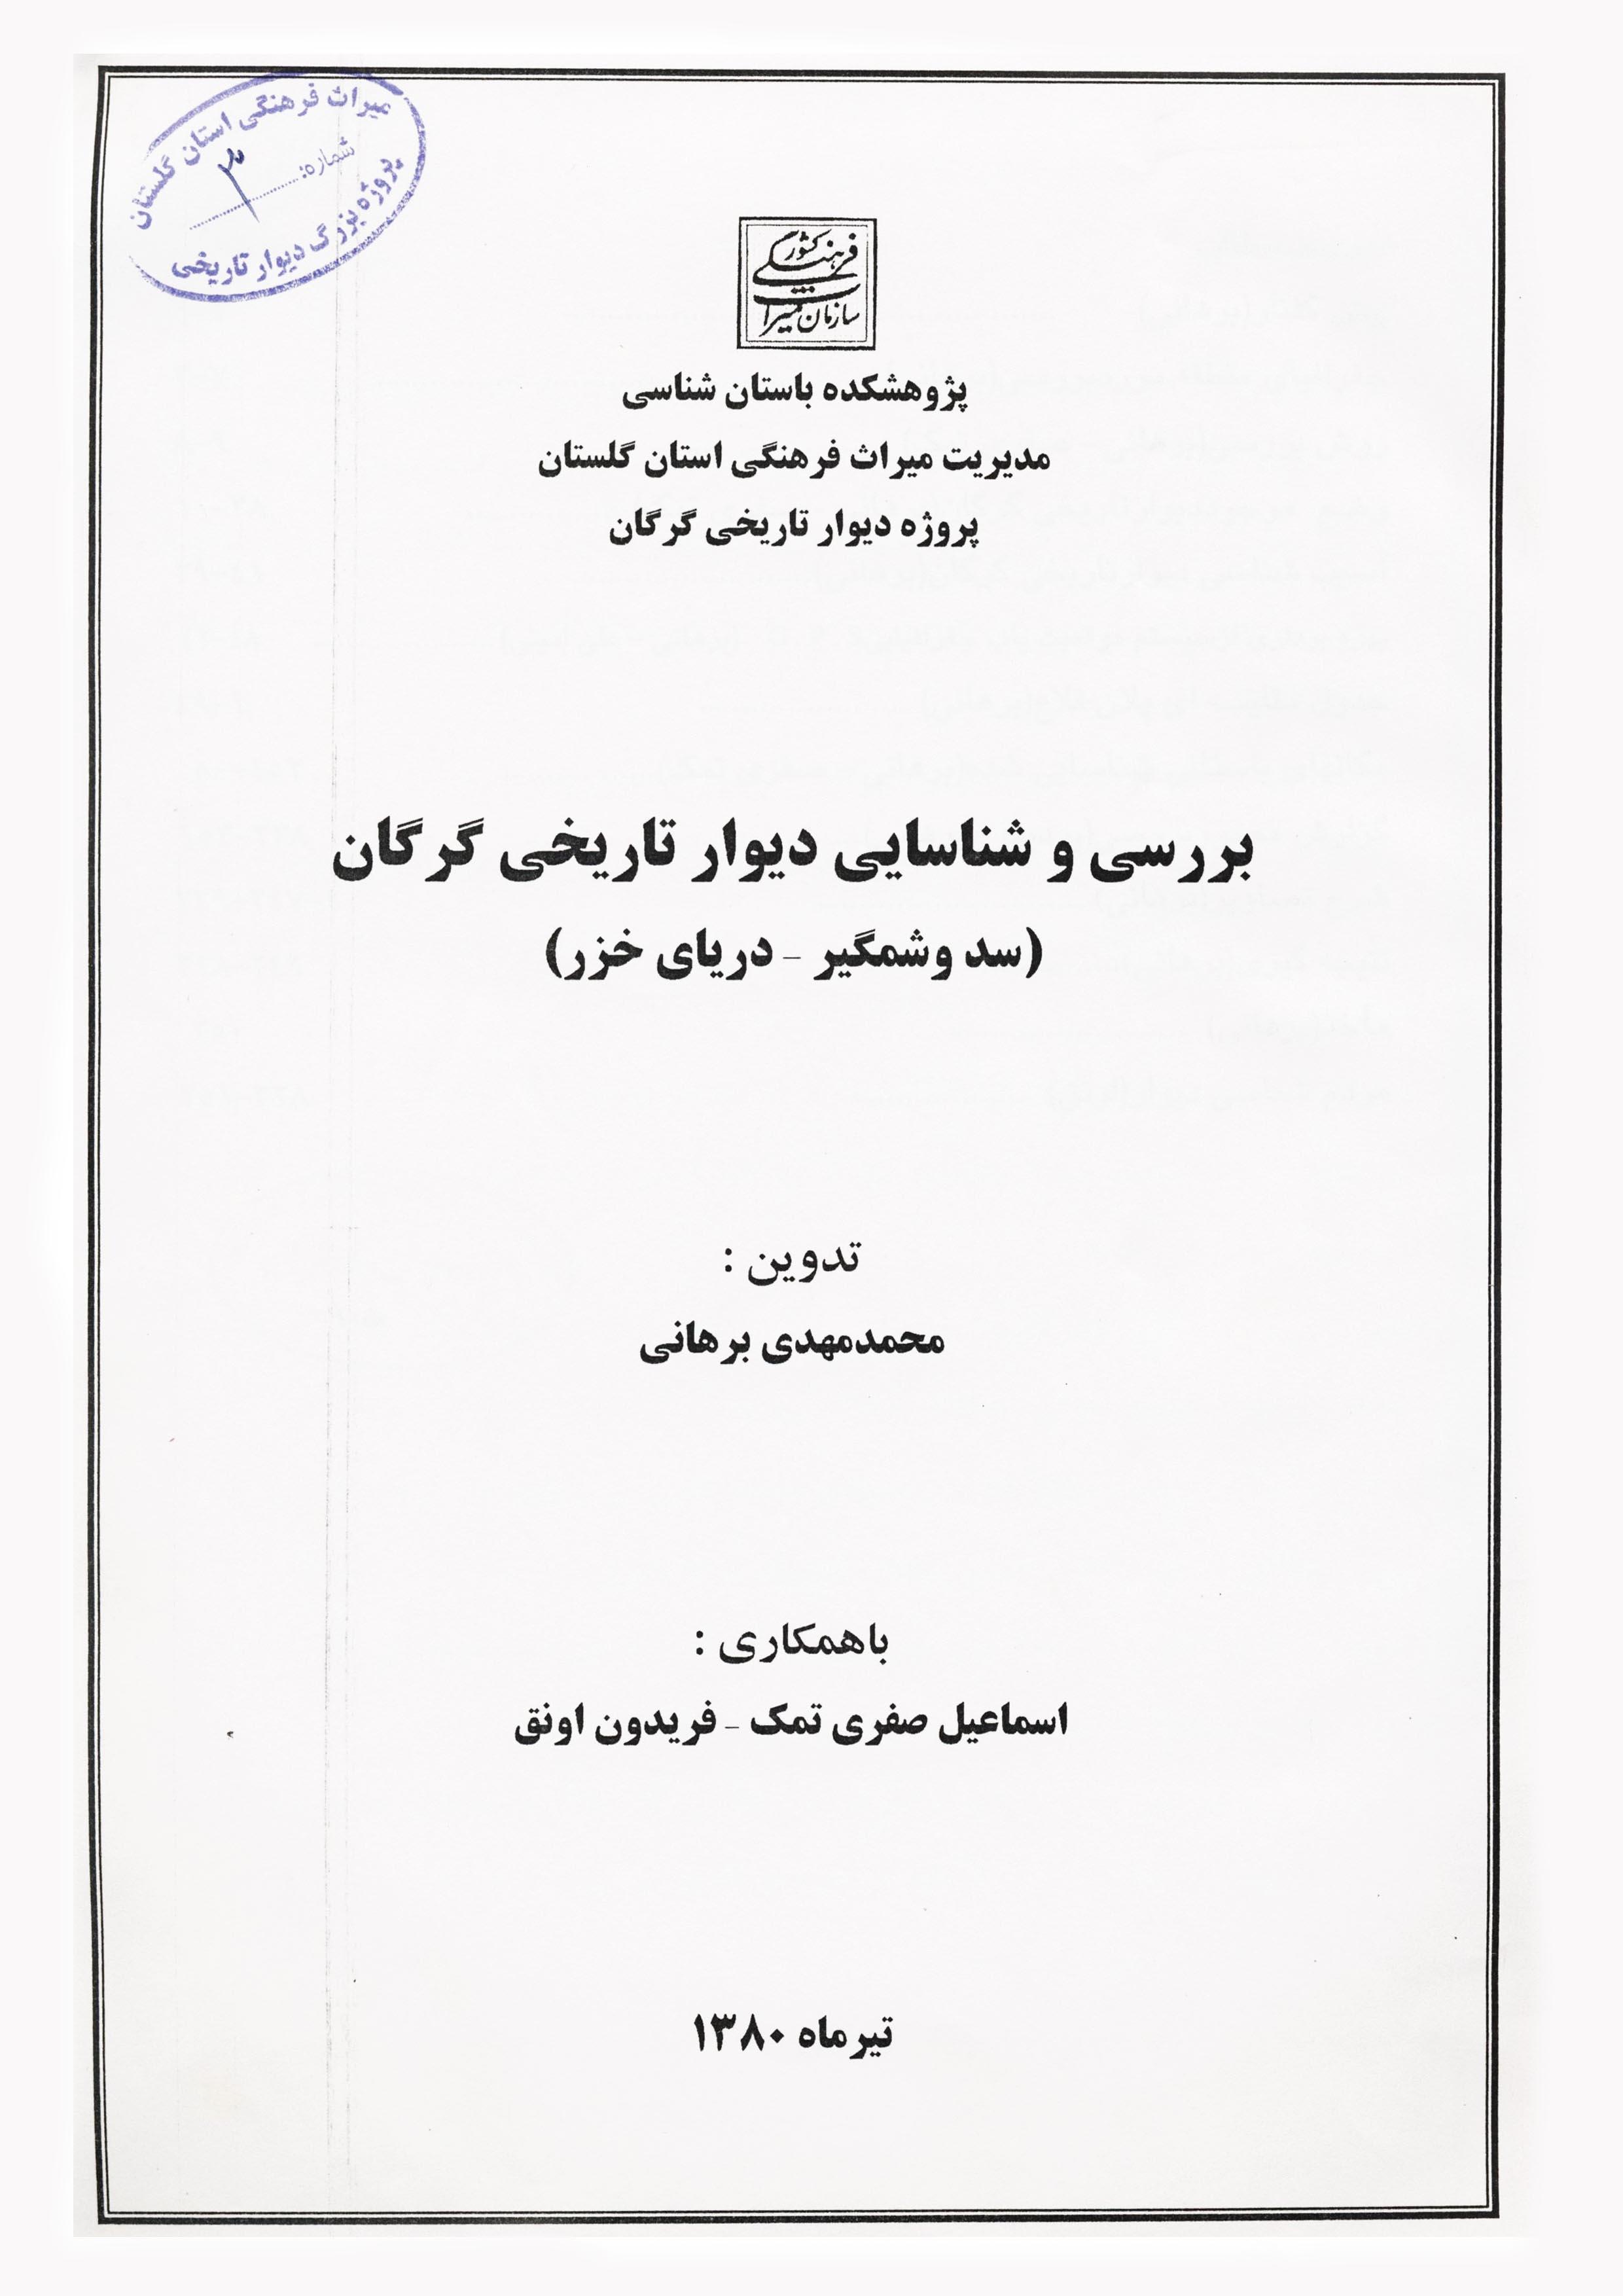 بررسی و شناسایی دیوار تاریخی گرگان سد وشمگیر - دریای خزر 1380